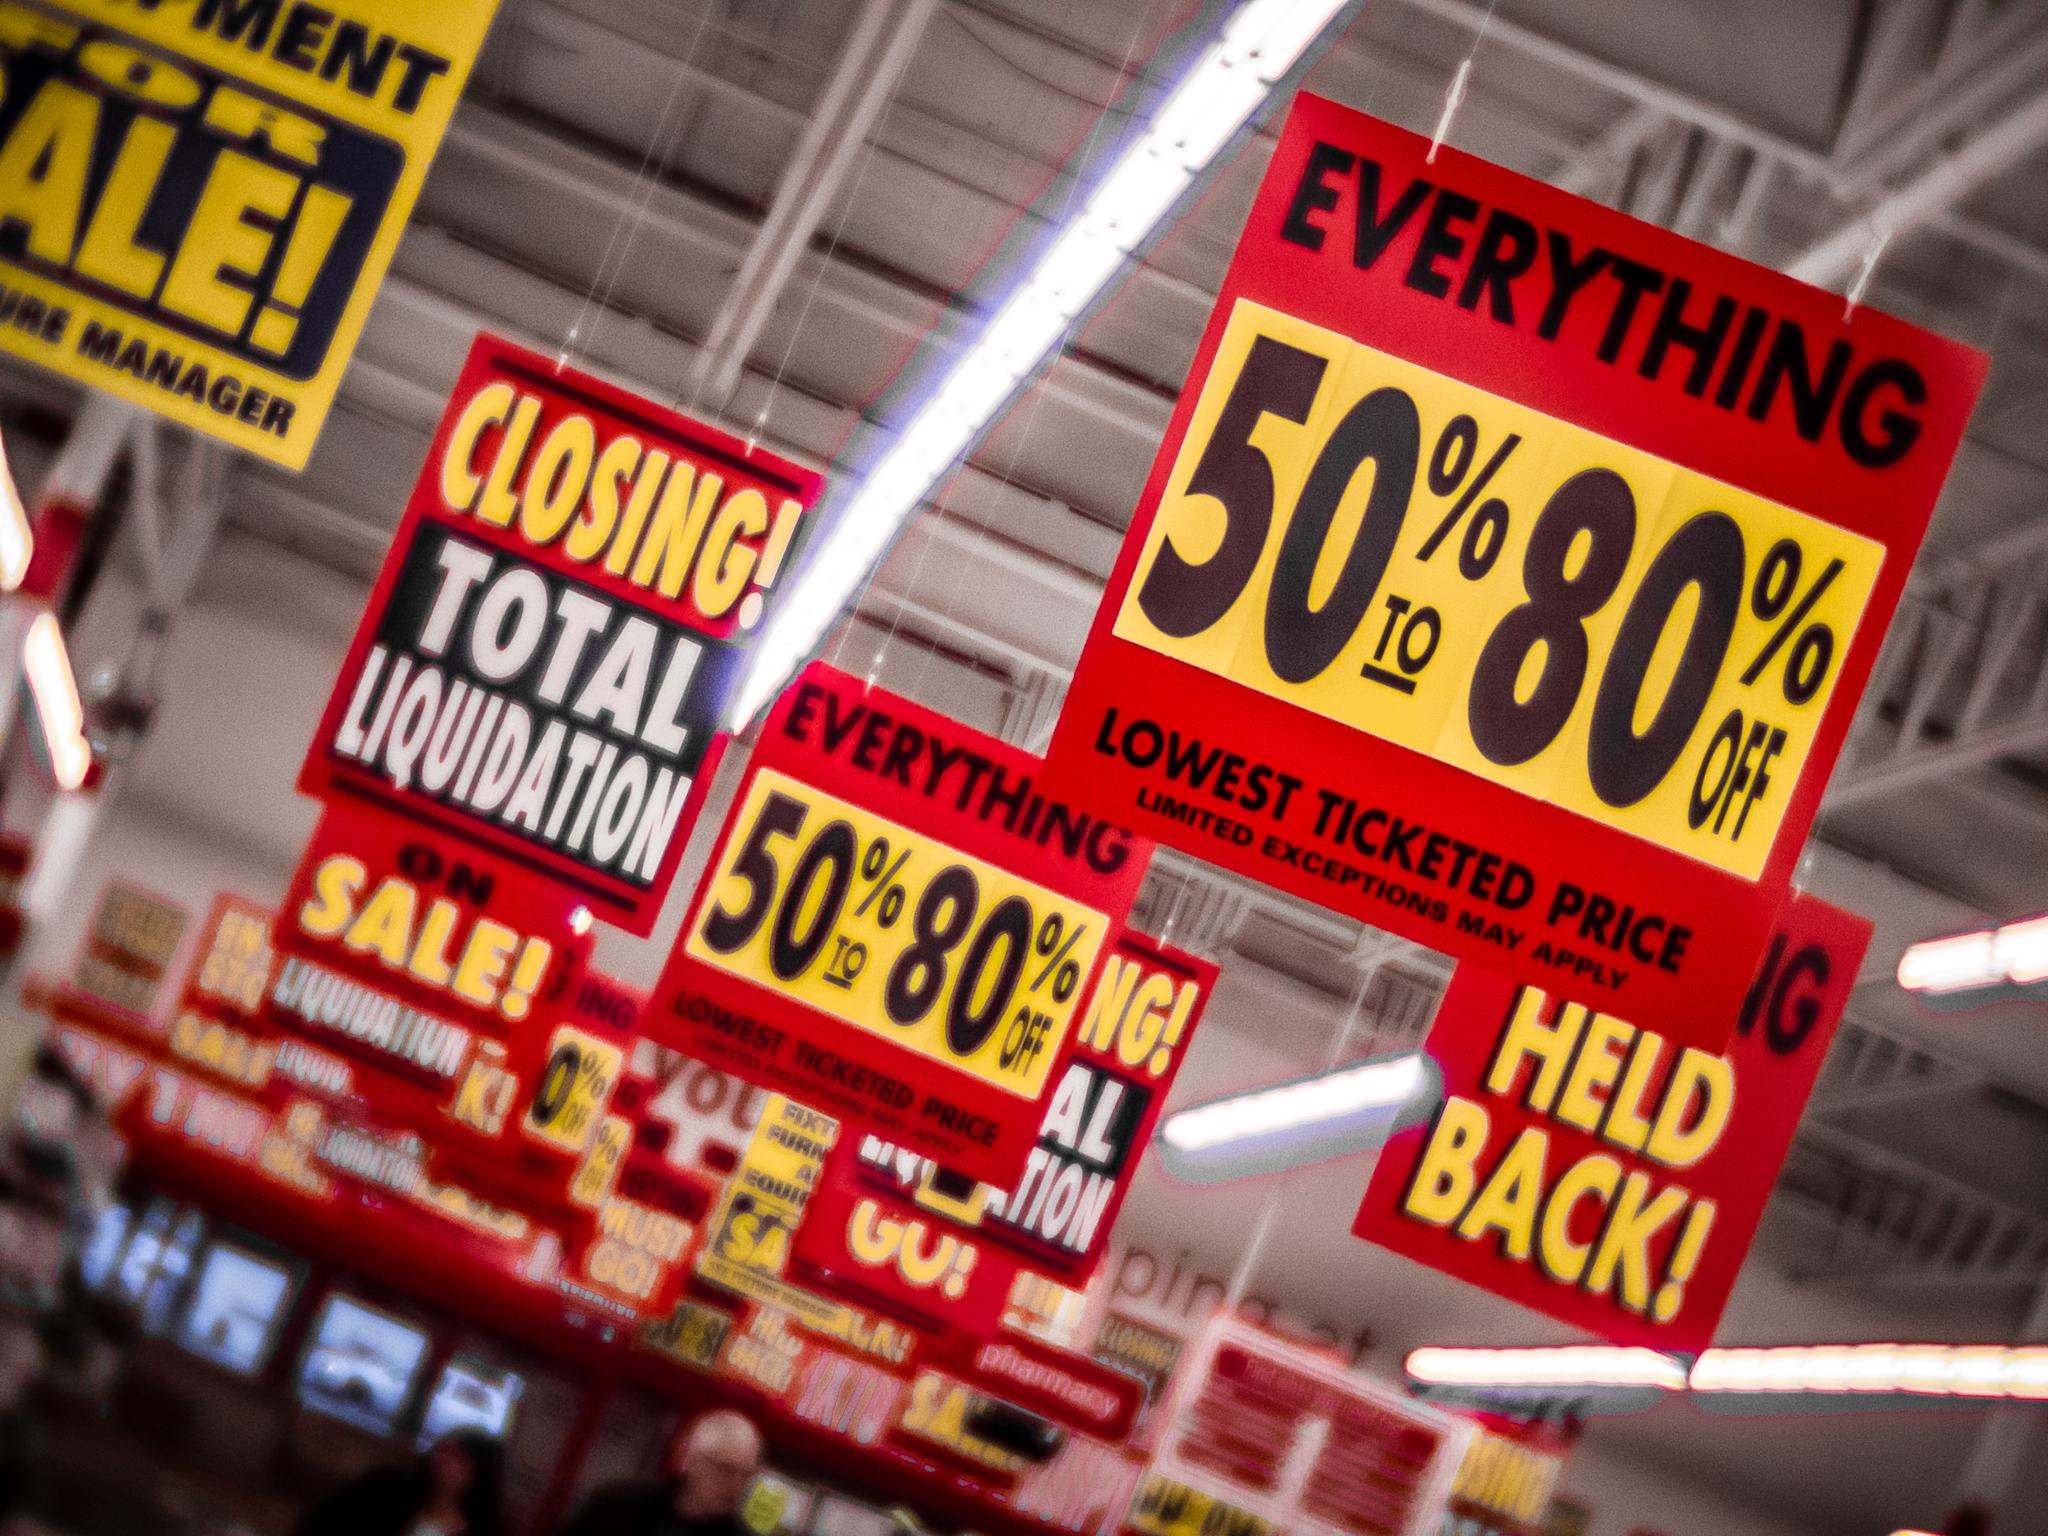 Горящие распродажи по себестоимости — Giveaway Club